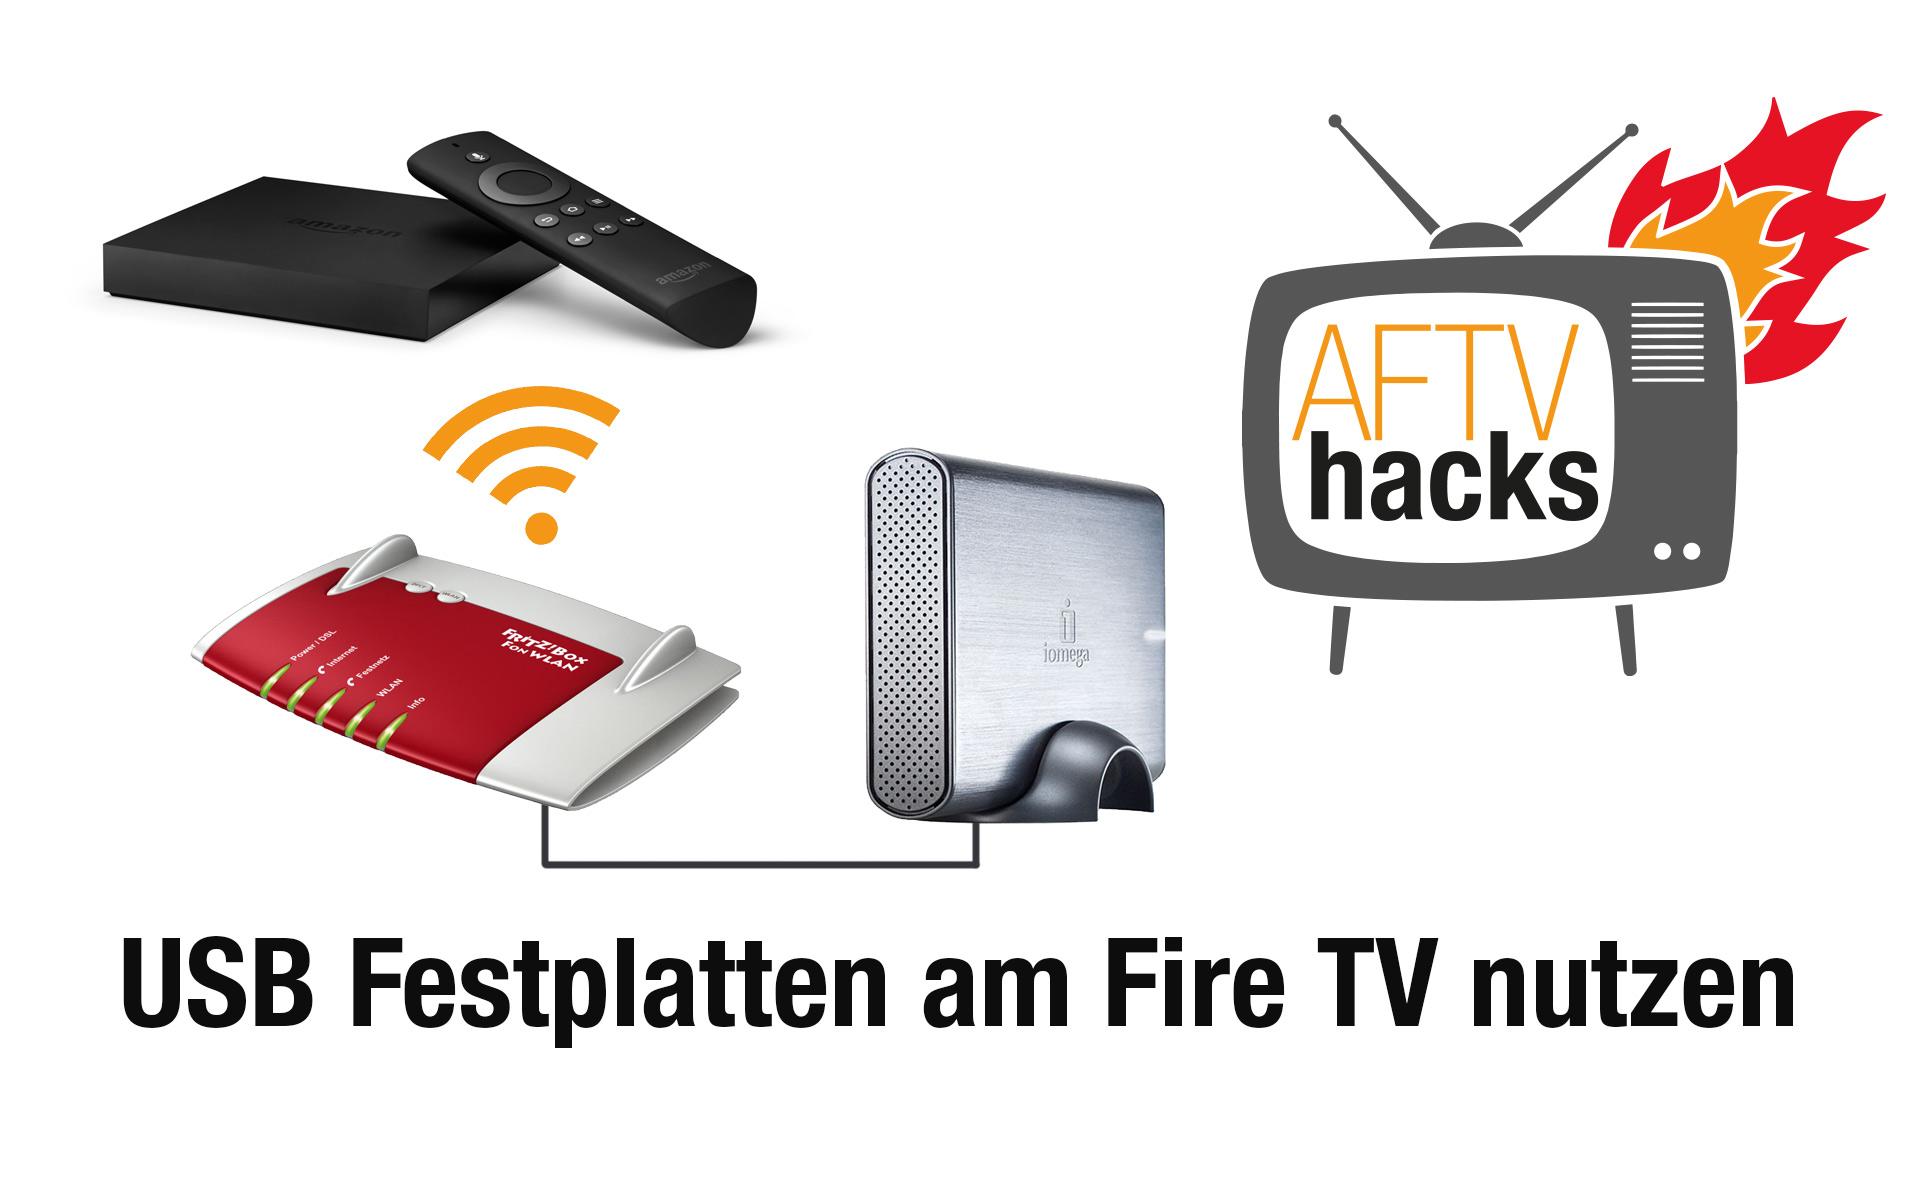 vom fire tv auf usb festplatten an router zugreifen. Black Bedroom Furniture Sets. Home Design Ideas